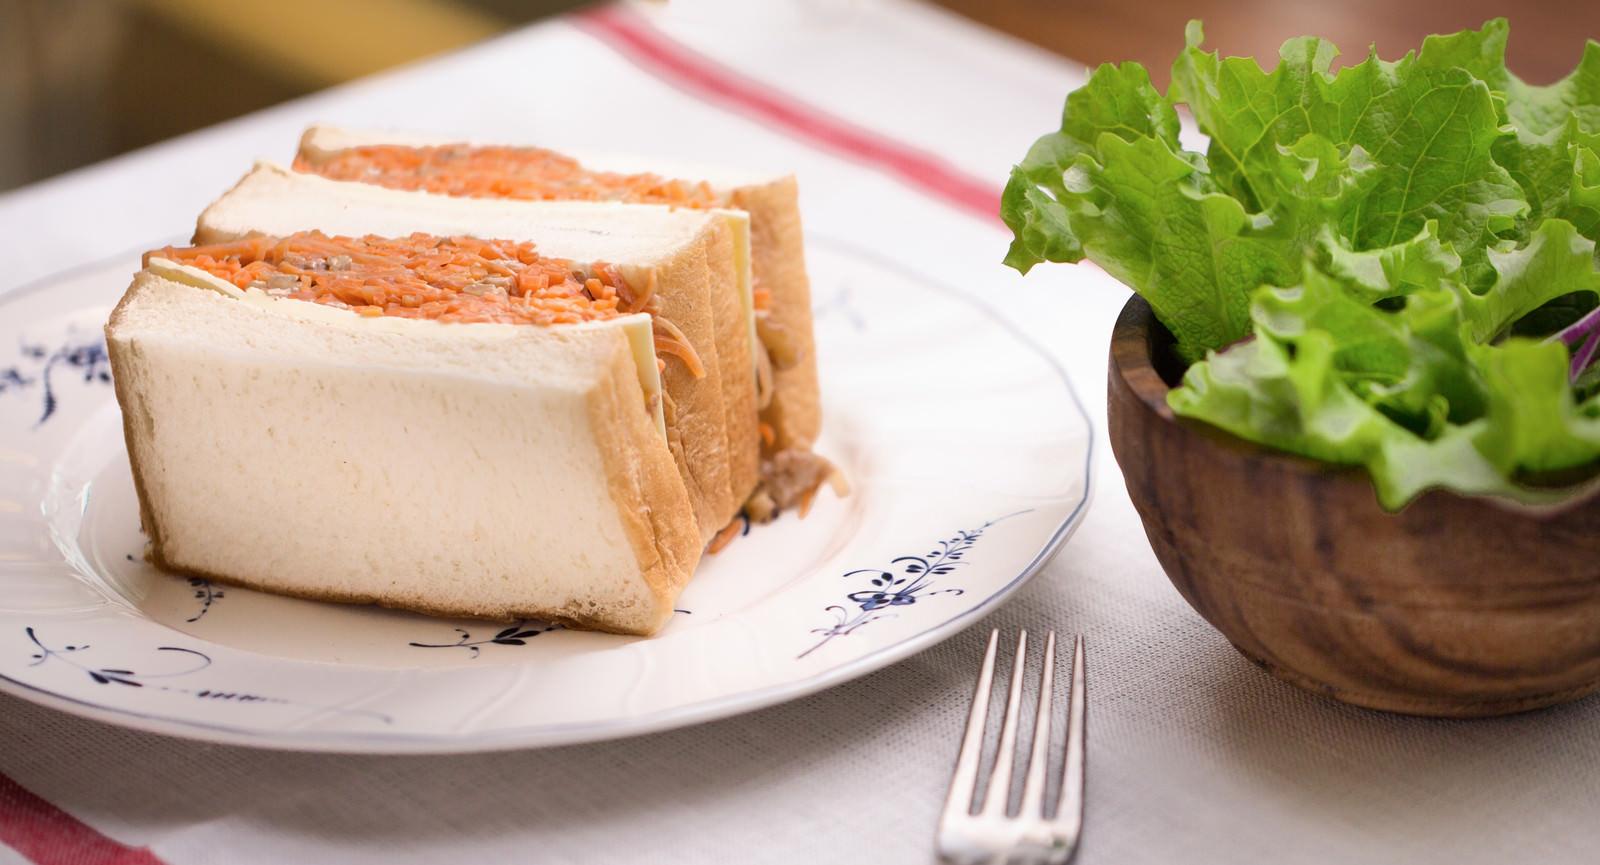 「朝食にぴったり! 食パンにサンドしたにんじんマリネ」の写真